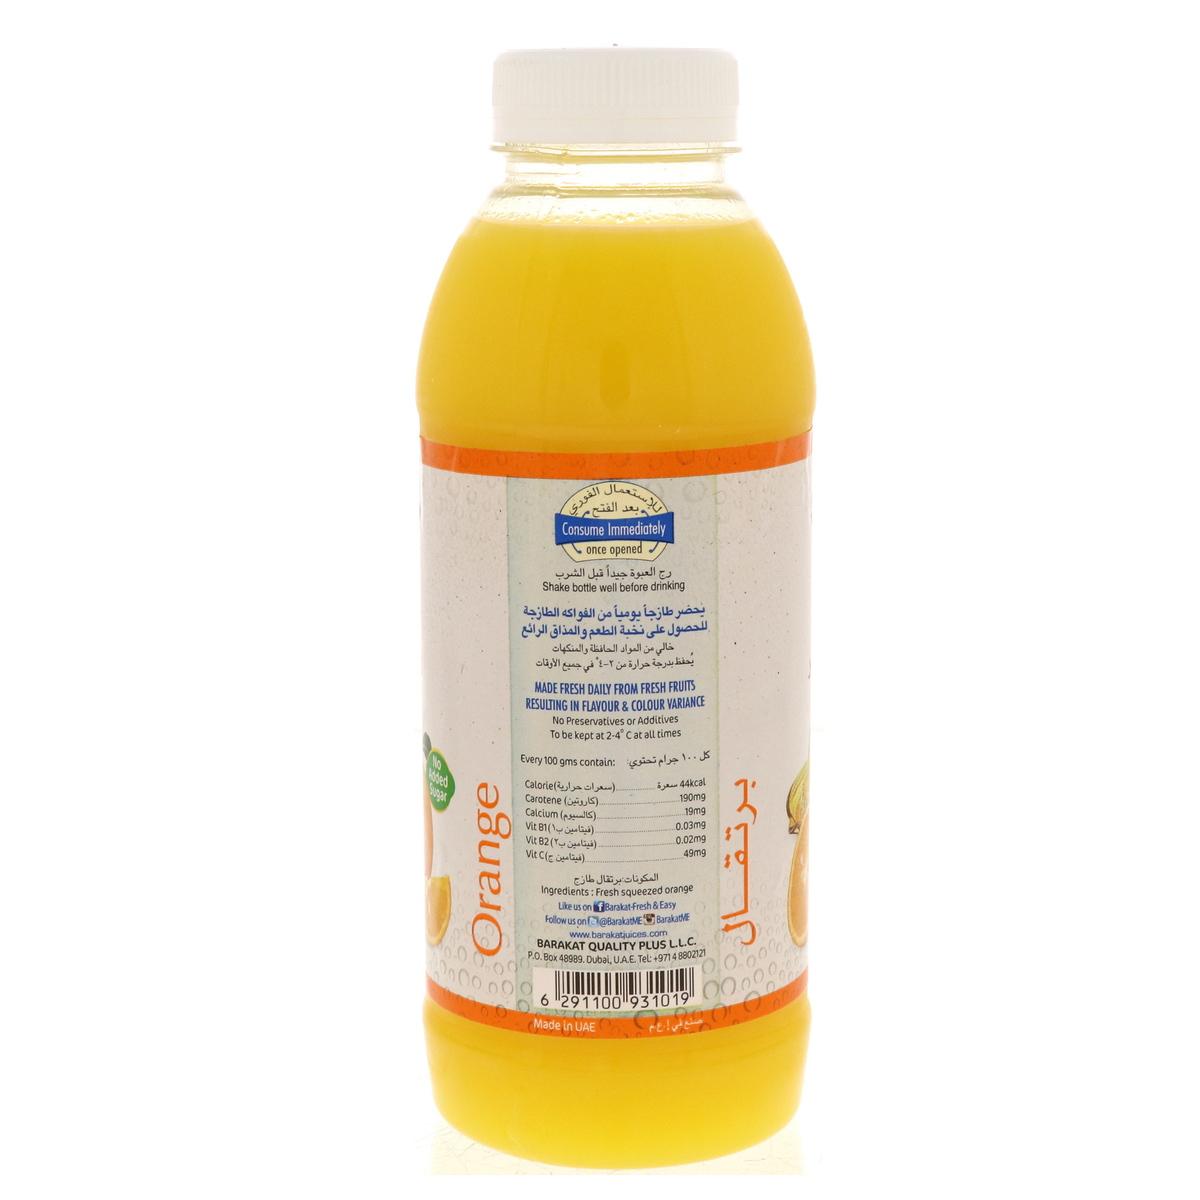 Buy Barakat Fresh Squeezed Orange Juice